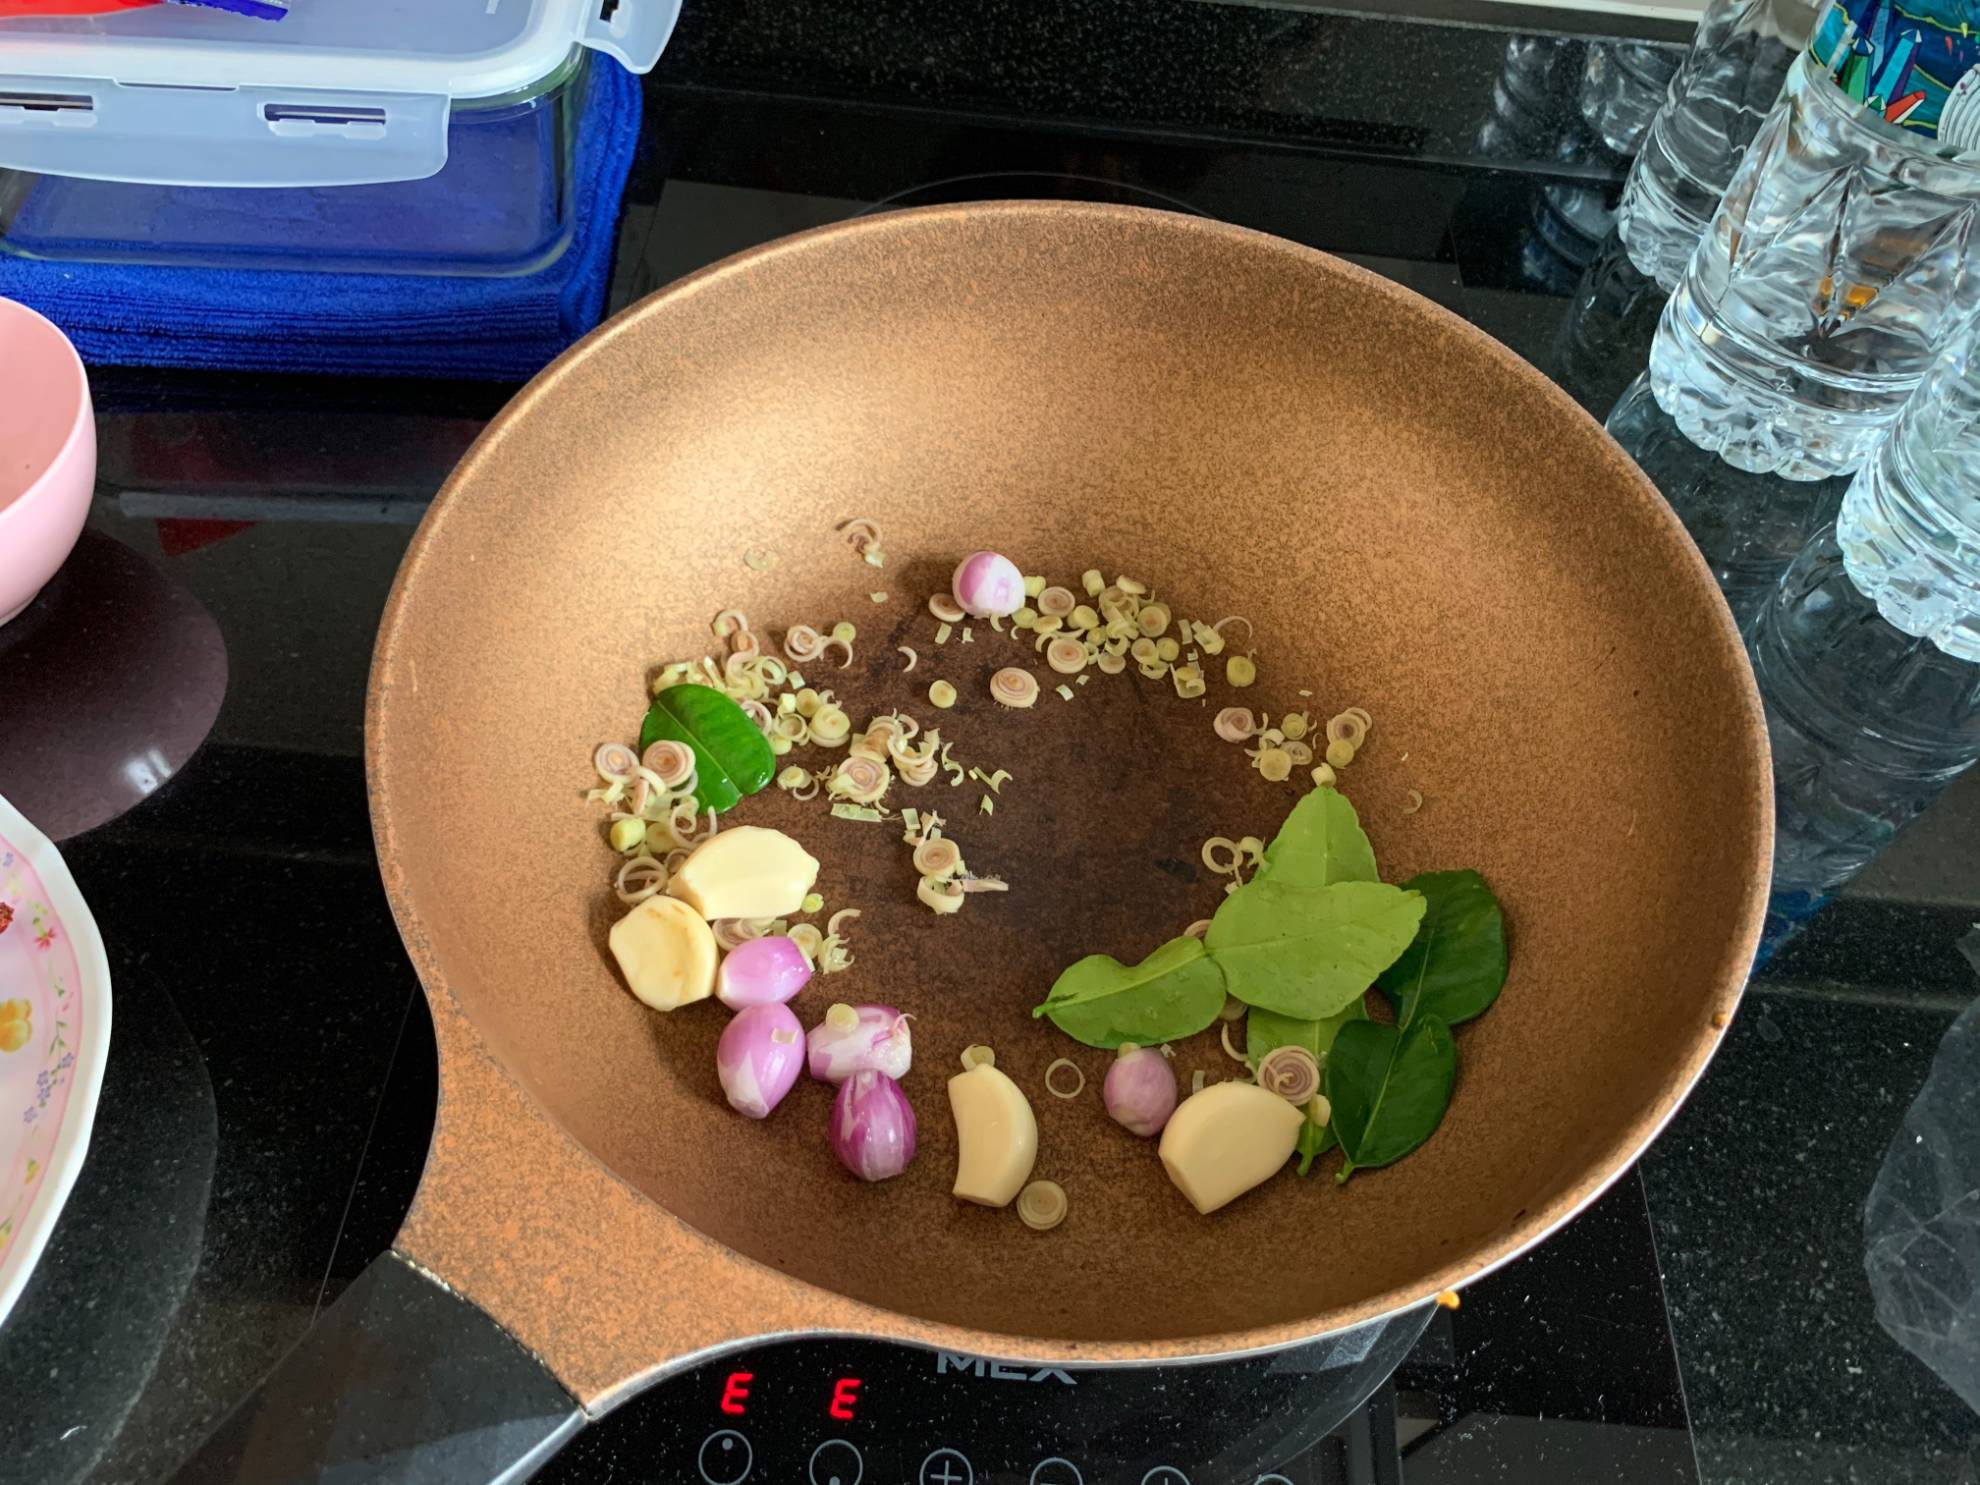 เข้าครัวทำ ลาบหมู ลาบหมูสูตรแม่ อร่อยมาก